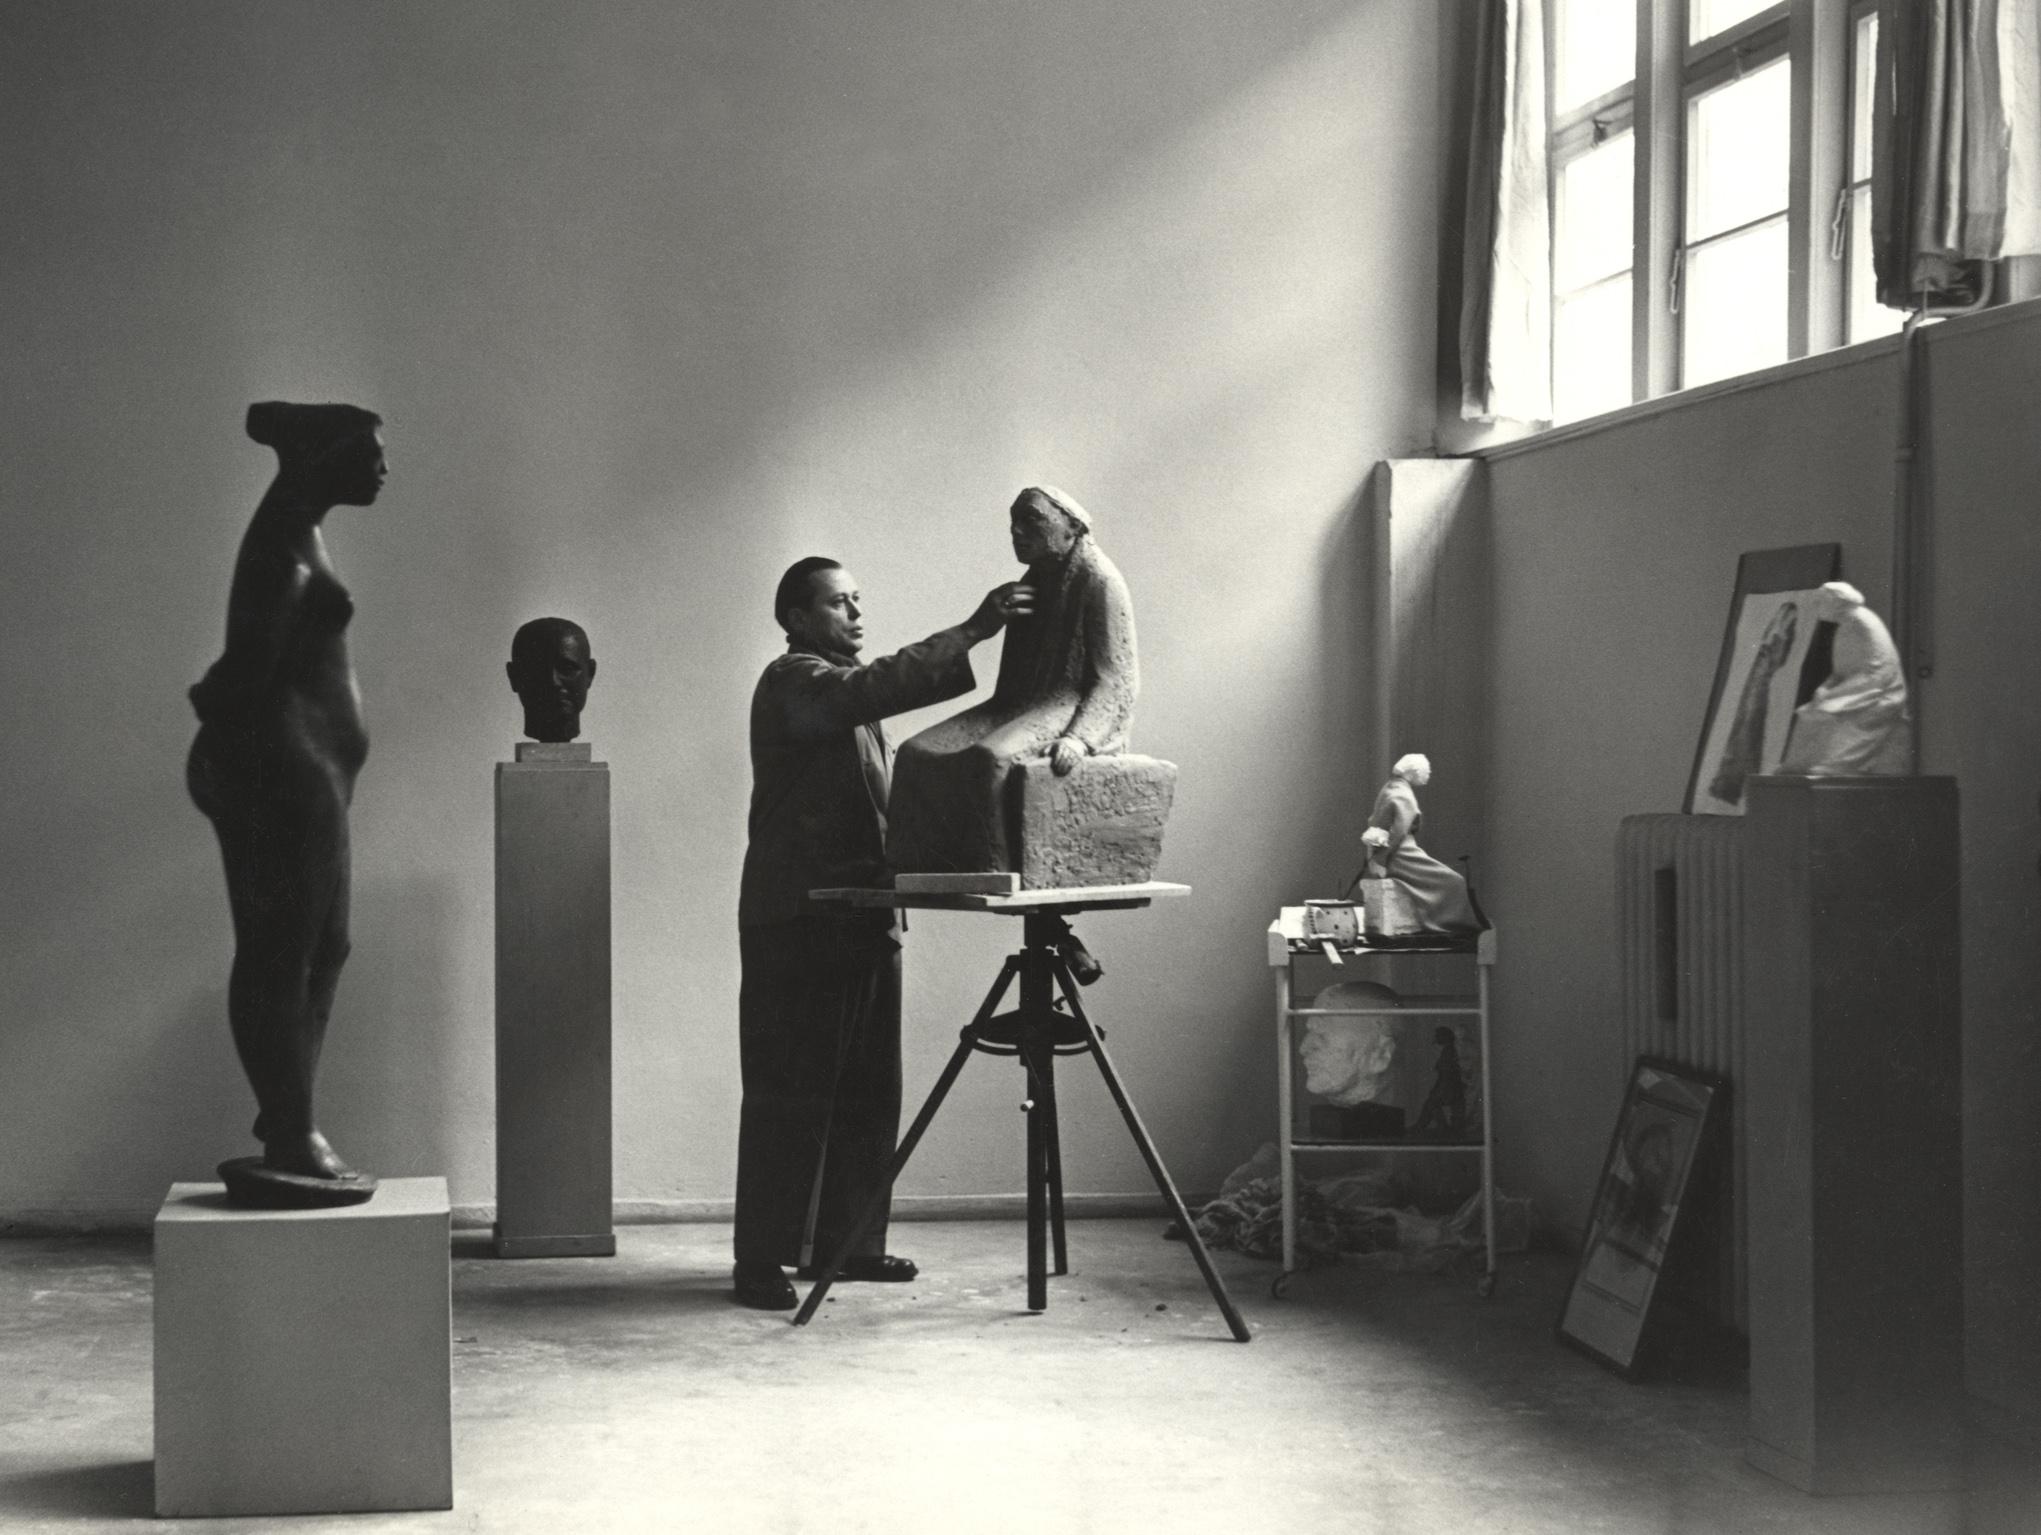 // Gustav Seitz in seinem Atelier in der Akademie der Künste, Berlin, Pariser Platz, 1957, bei der Arbeit am Gipsmodell zum Kollwitz-Denkmal © Gustav Seitz Stiftung, Hamburg